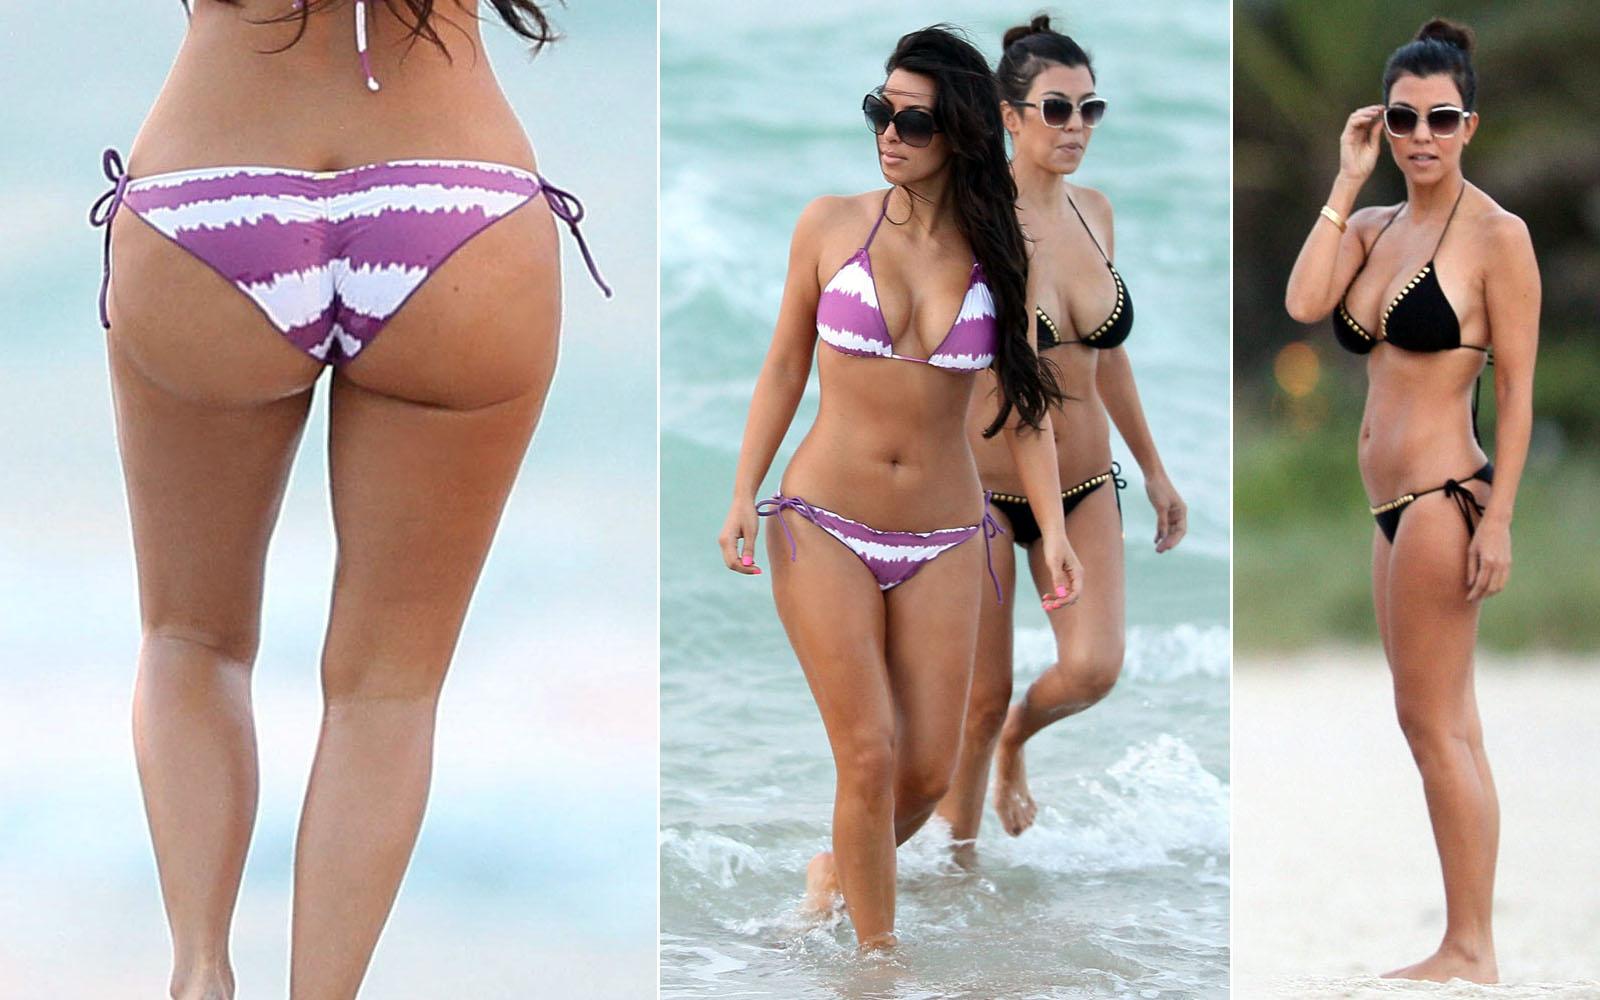 Kim Kortney Kardashian Show Off Their Beach Bodies in Tiny Bikini